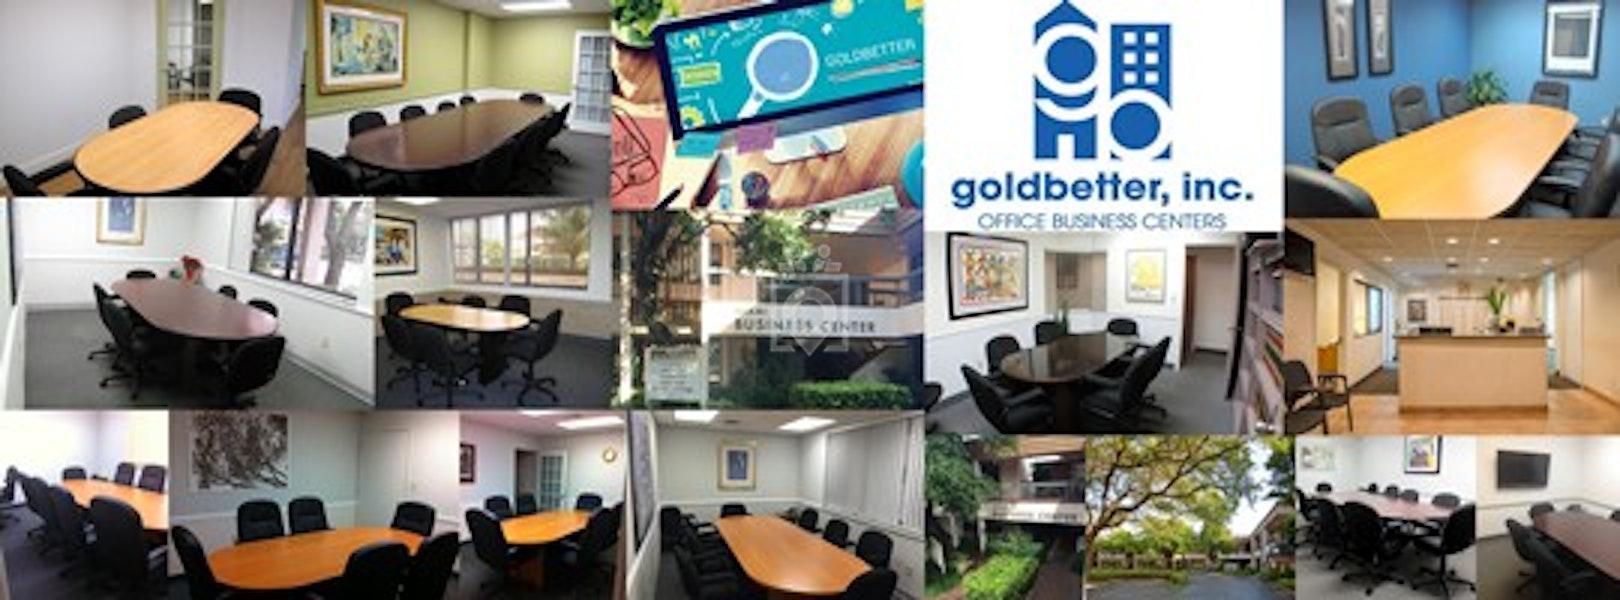 Miami Business Center, Goldbetter, Inc, Miami